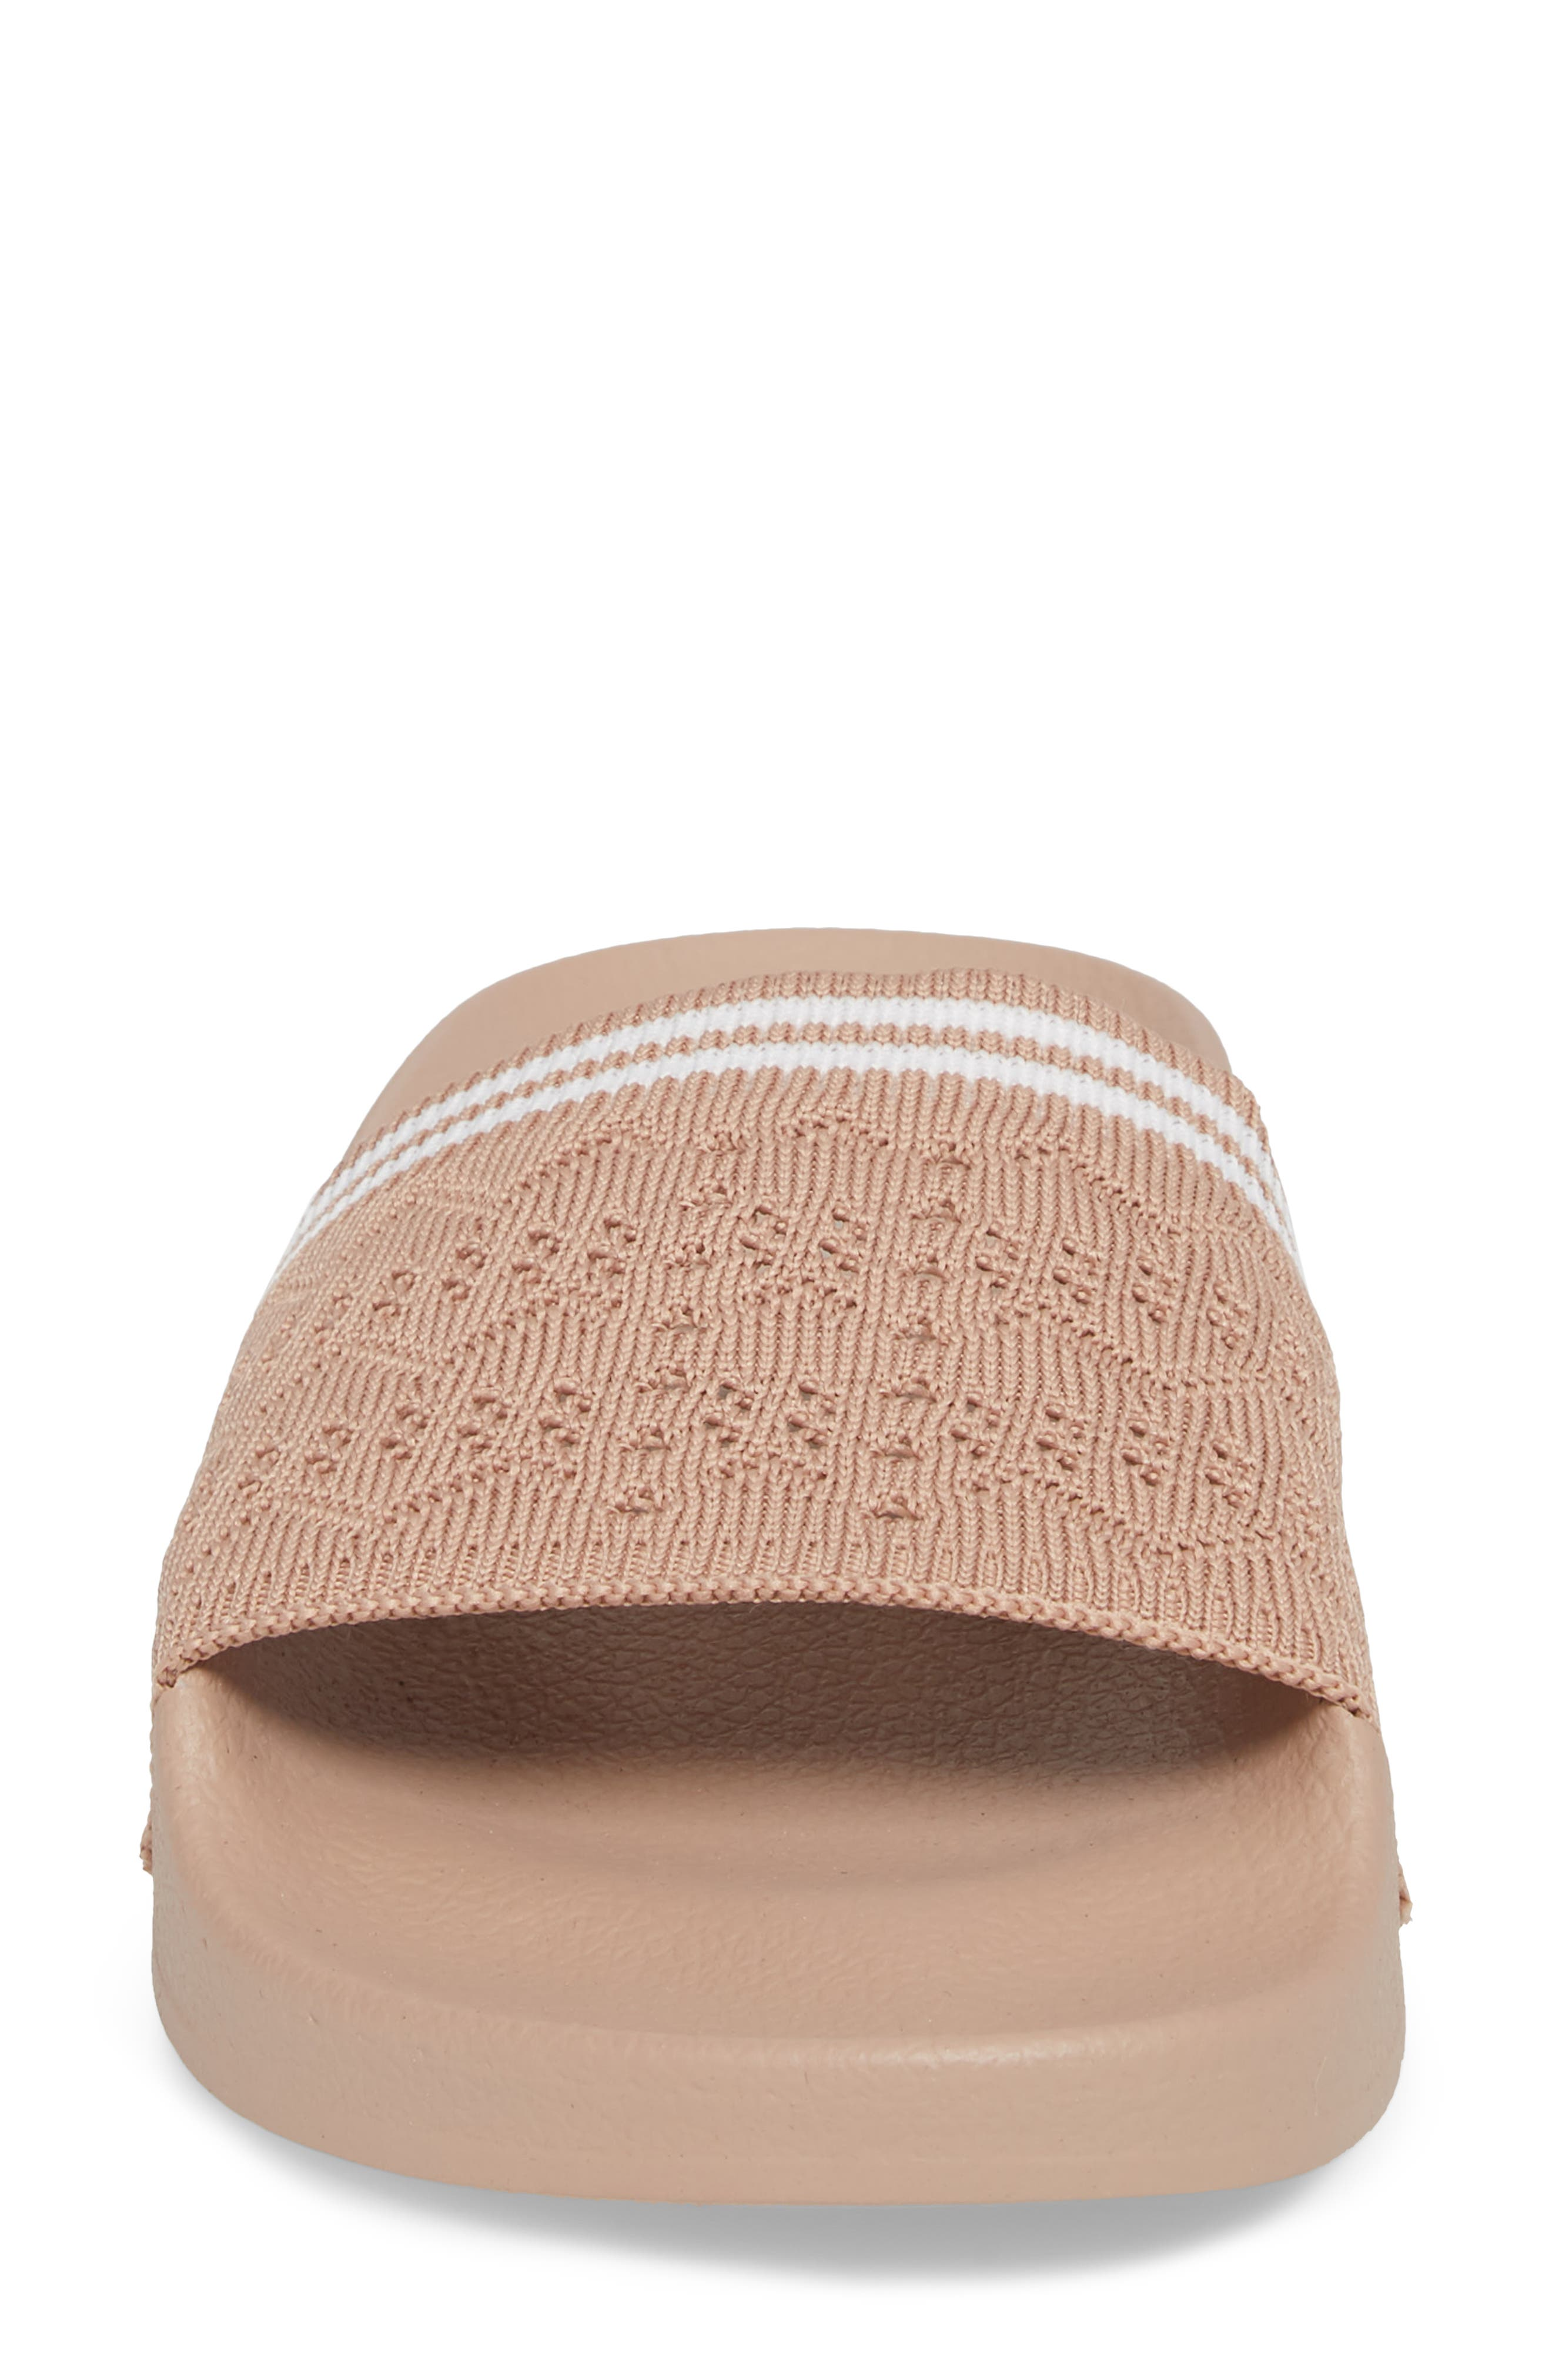 Vibe Sock Knit Slide Sandal,                             Alternate thumbnail 4, color,                             Blush